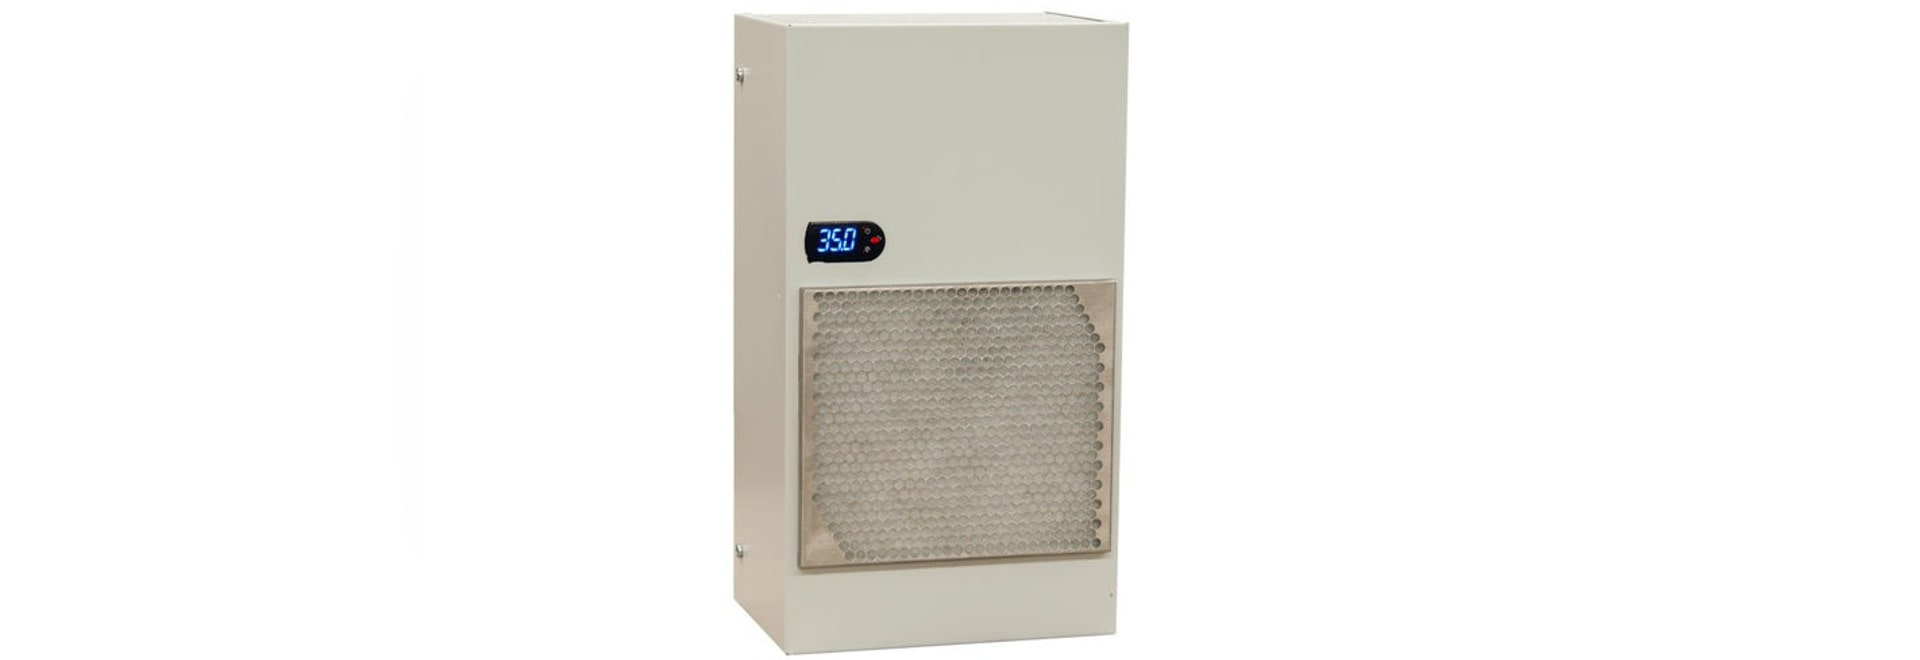 Seifert Systems présente la série de climatiseurs d'armoires SoliTherm ComPact